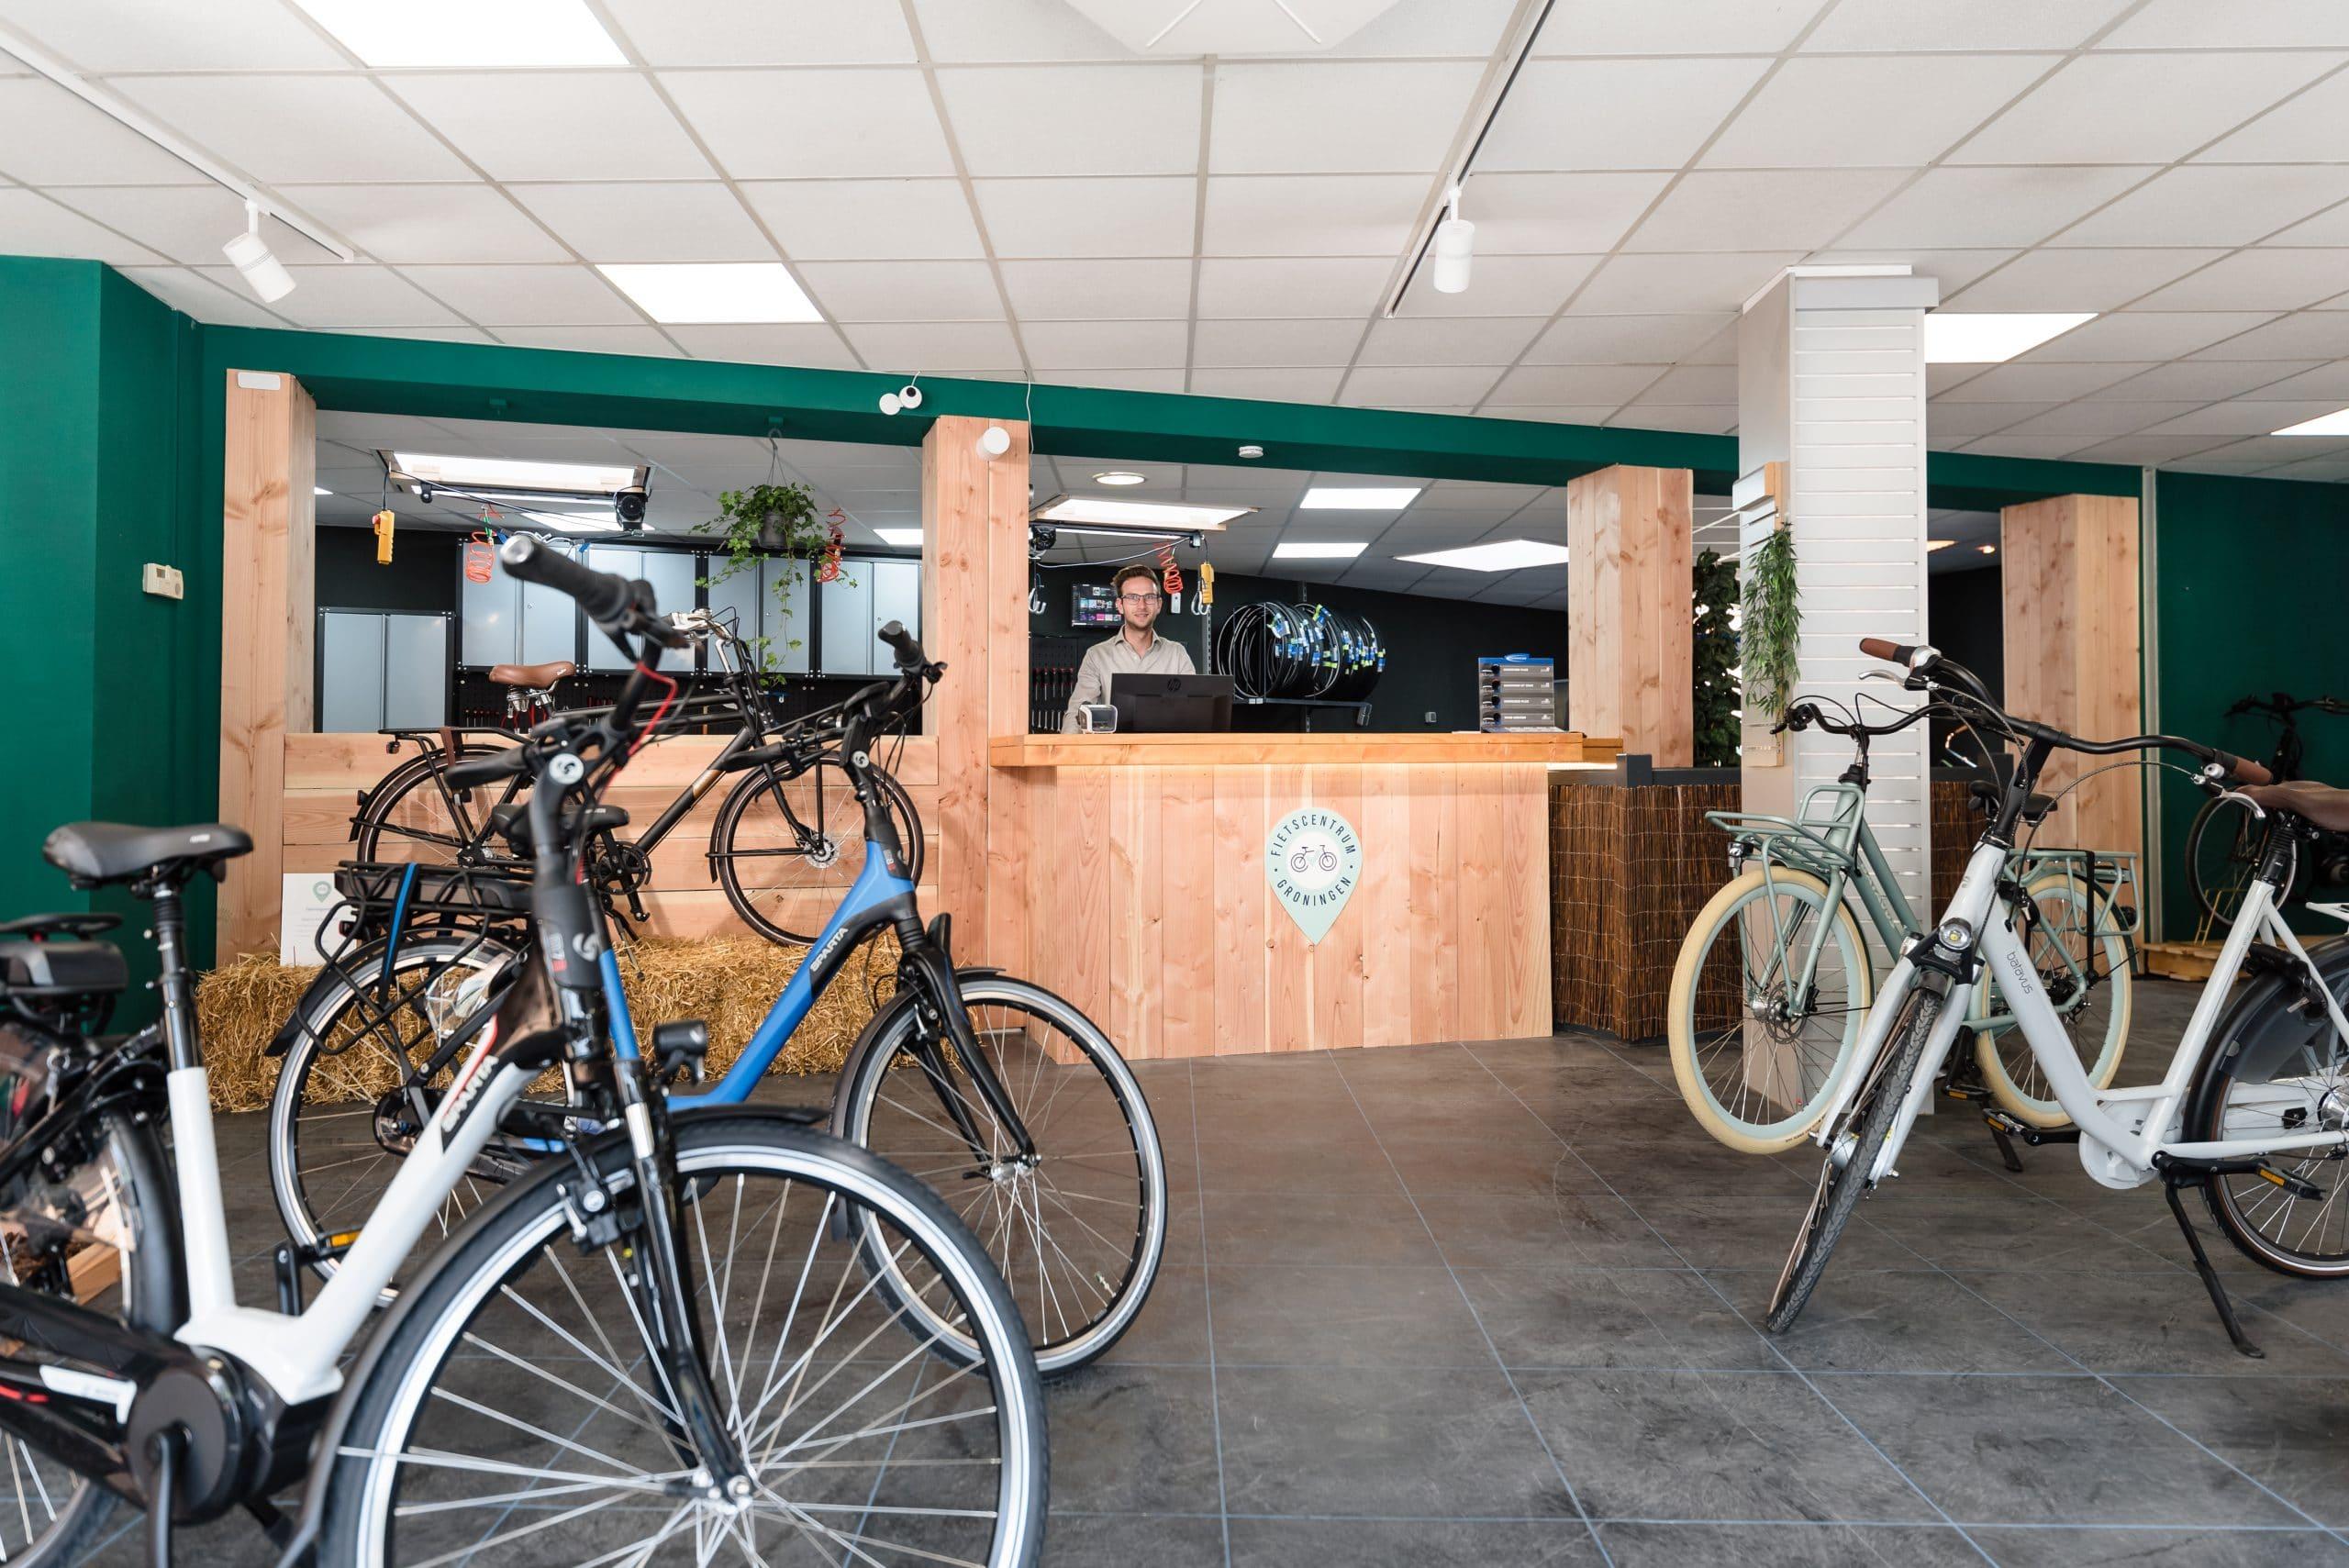 Fietscentrum Groningen fietswinkel e-bikes stadsfietsen kinderfietsen